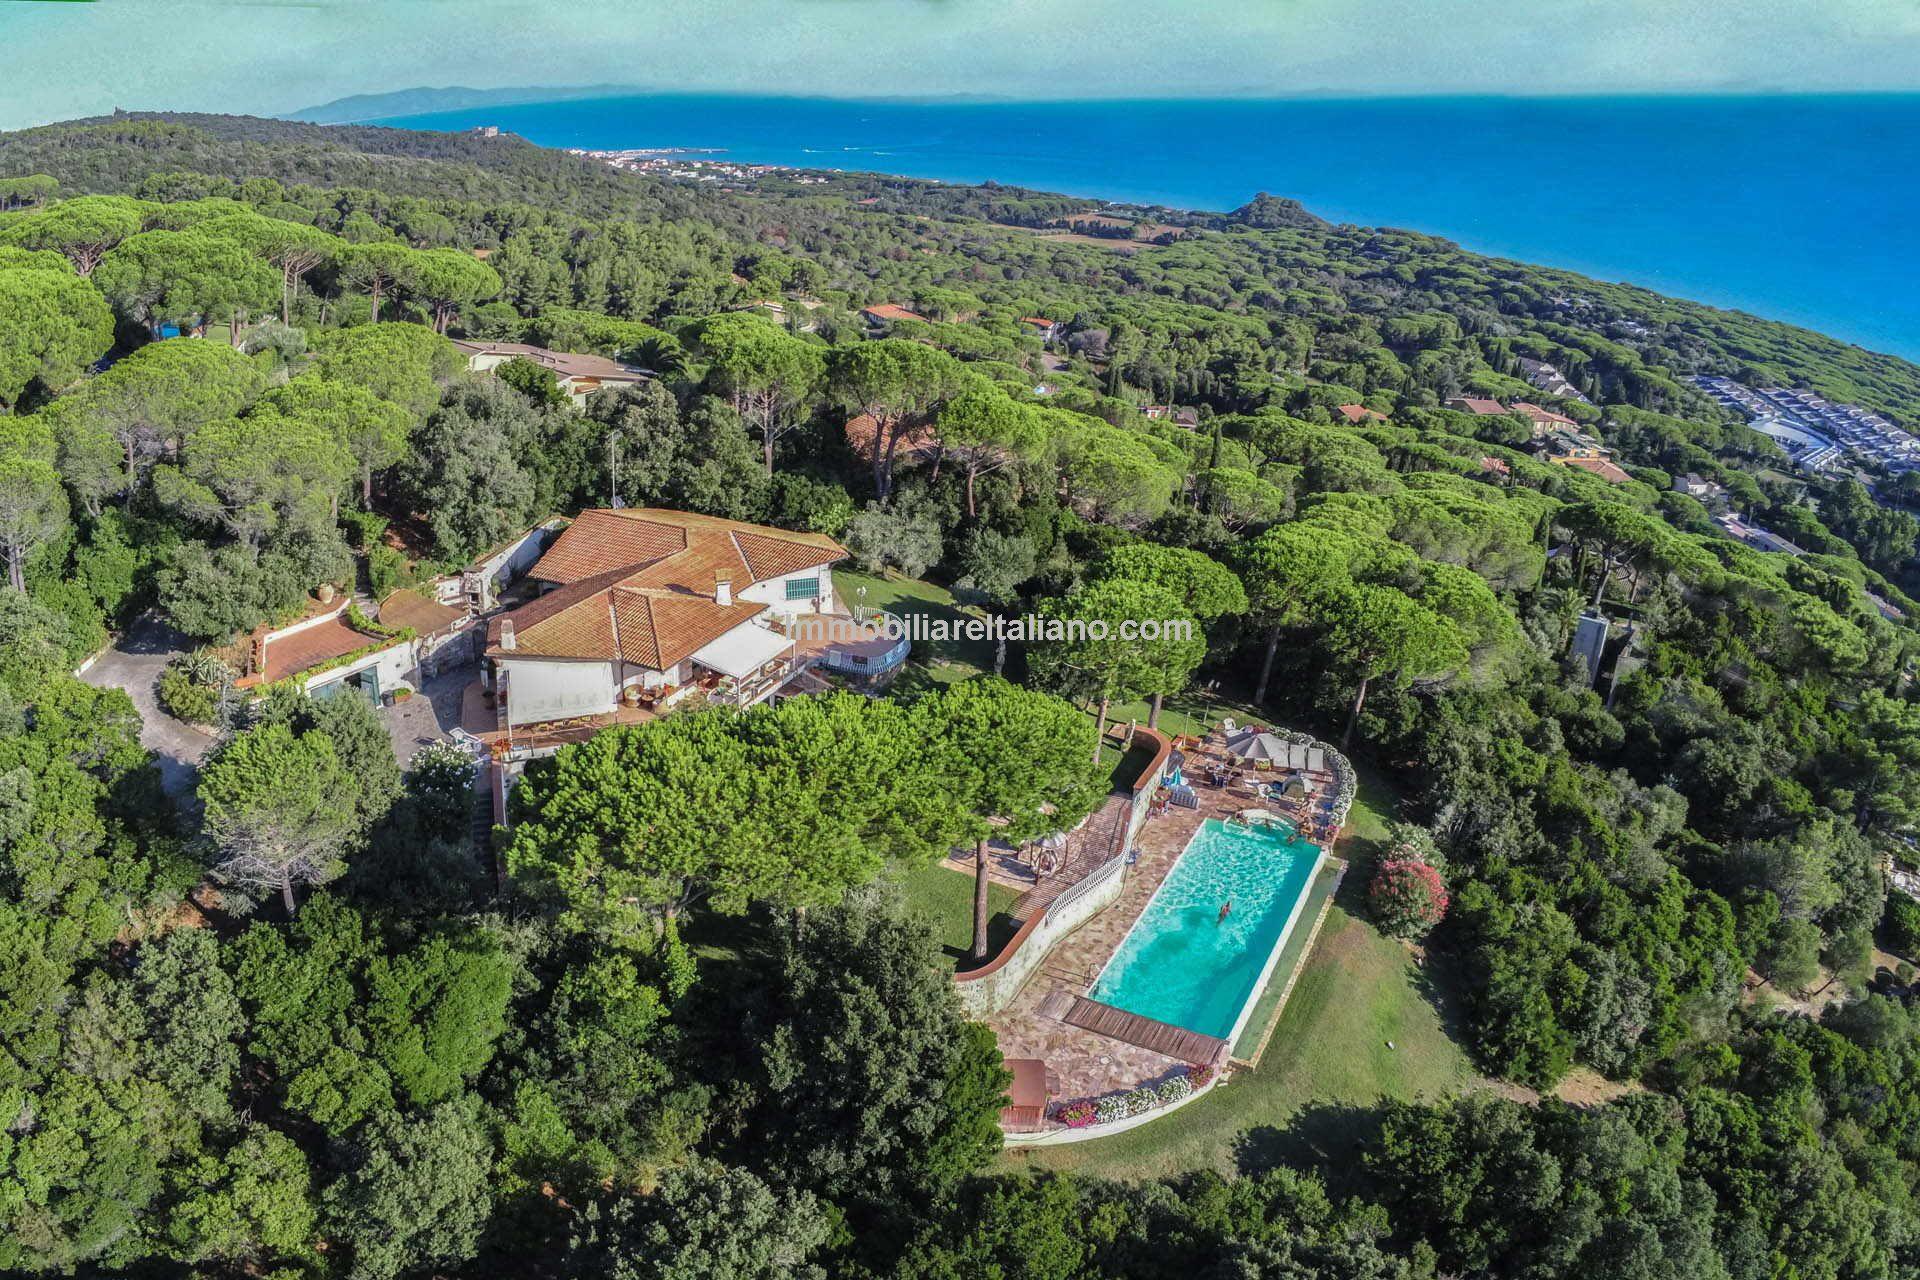 Sea views are free with this Italian seaside villa for sale near Castiglione della Pescaia in Tuscany.